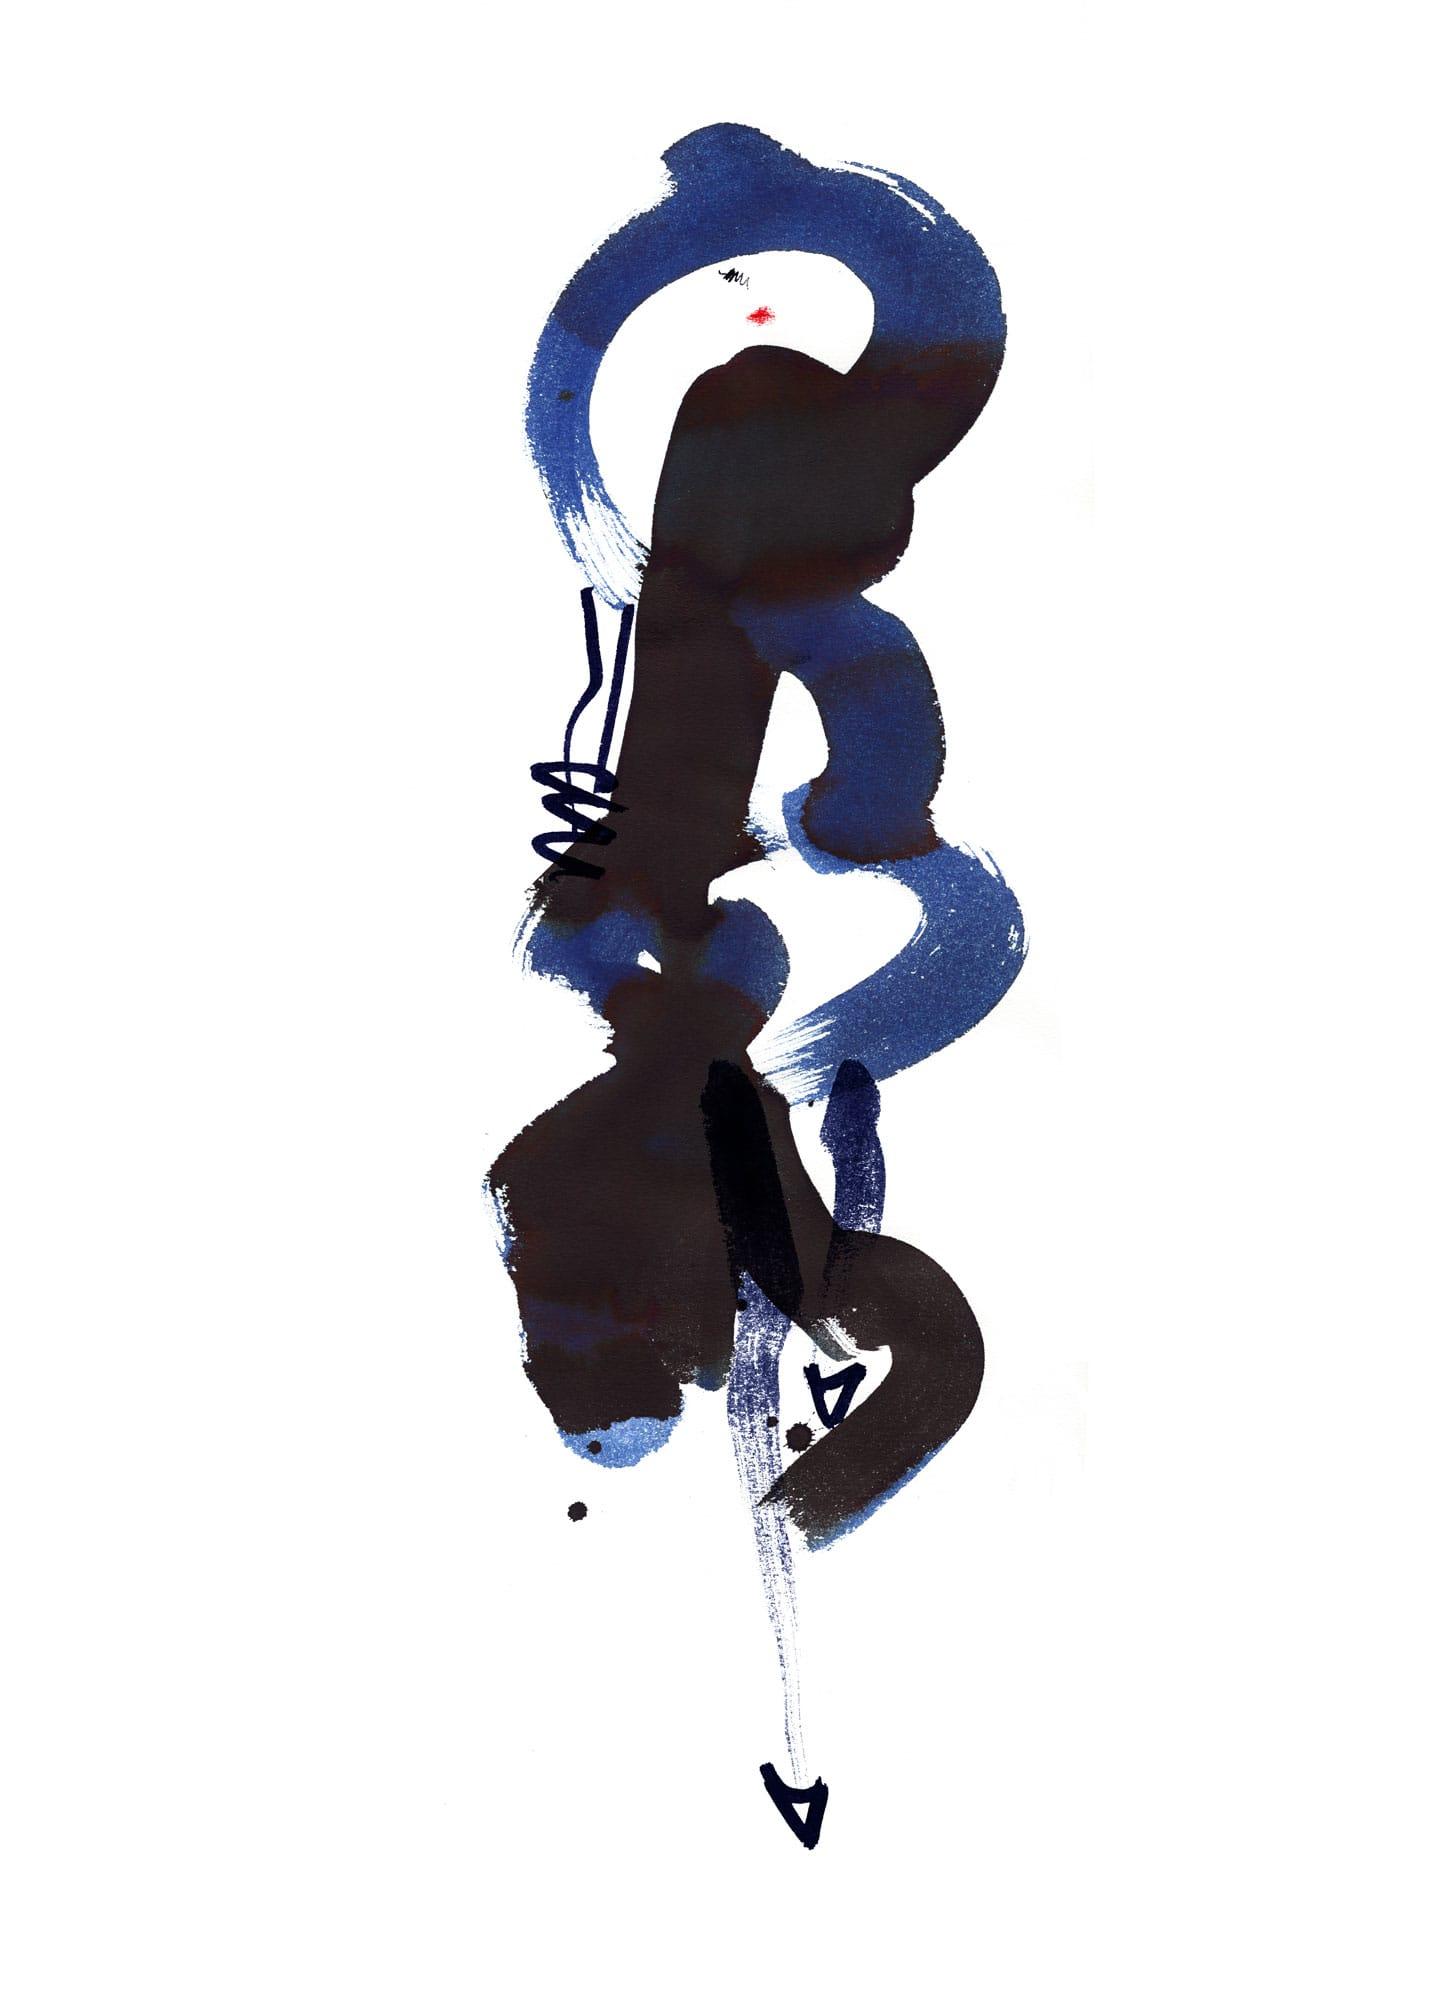 Lovisa Burfitt illustration Blue-hatter-dressy